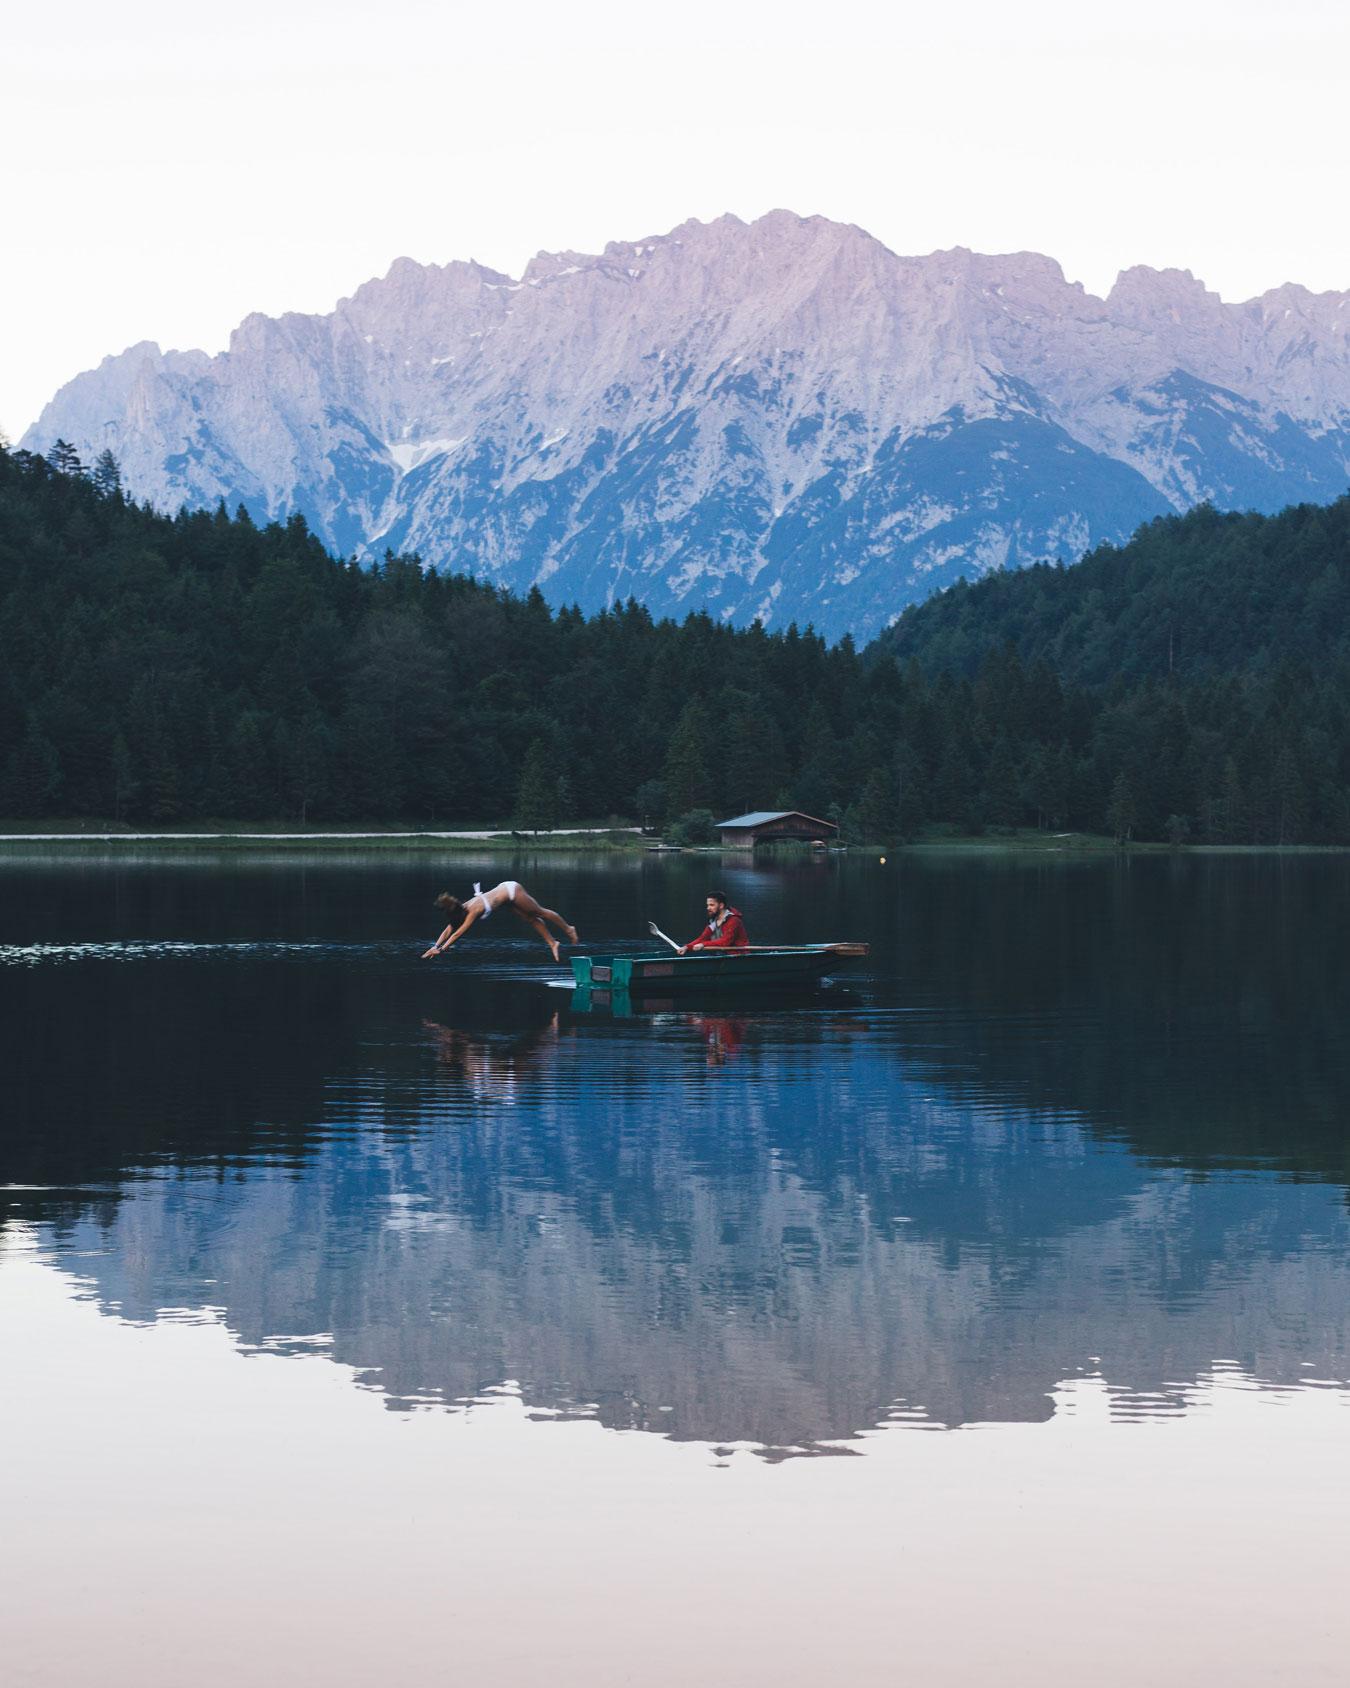 liz-kellerer-munichmountaingirls-schwimmen-bergsee-ferchensee